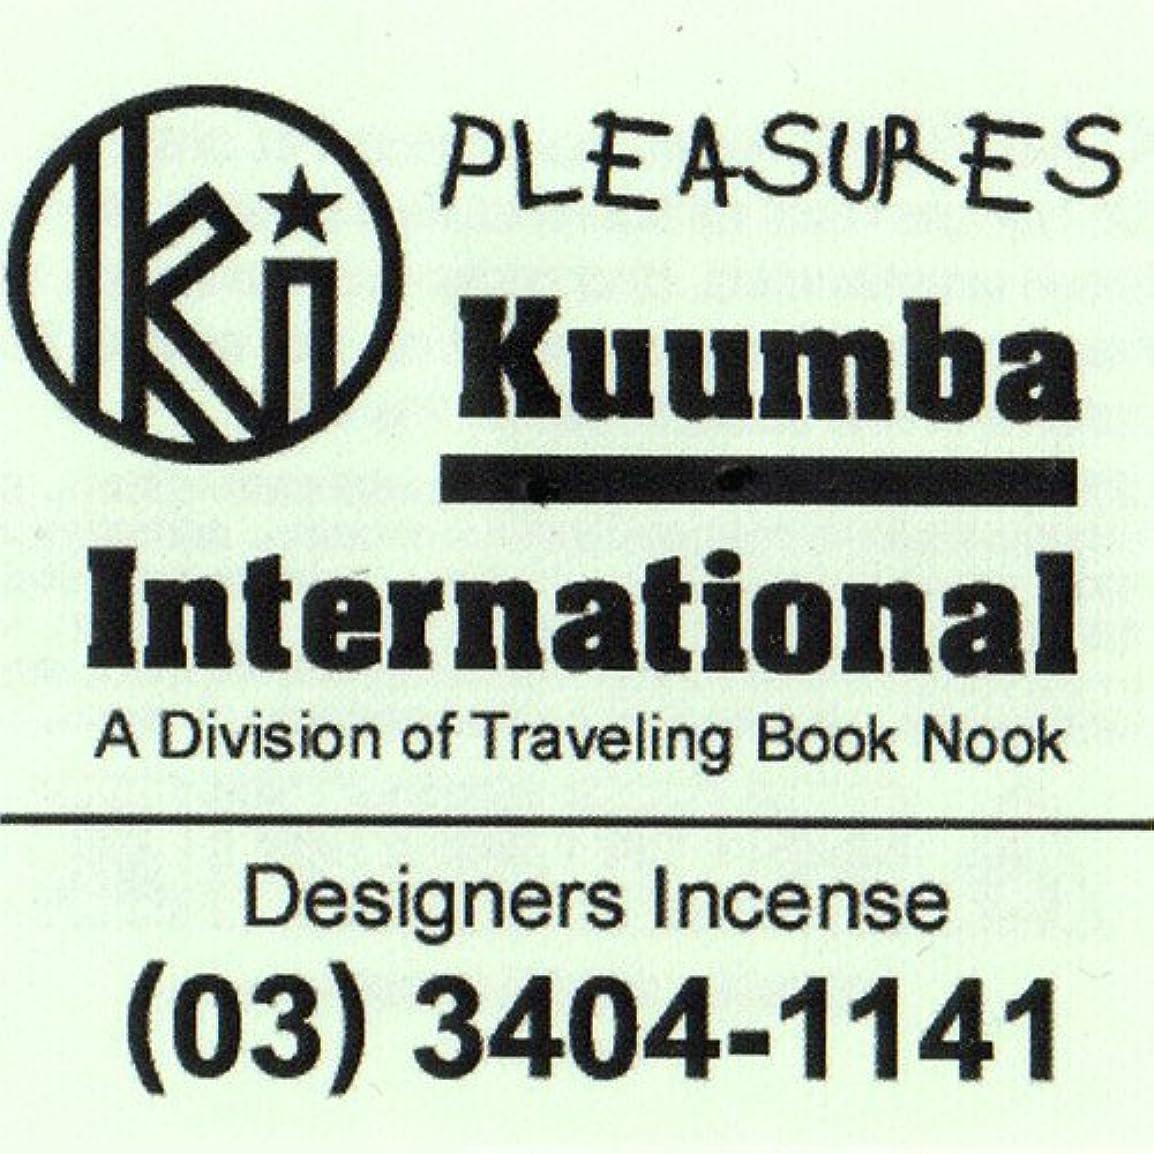 請求書その結果樹皮KUUMBA/クンバ『incense』(PLEASURES) (Regular size)